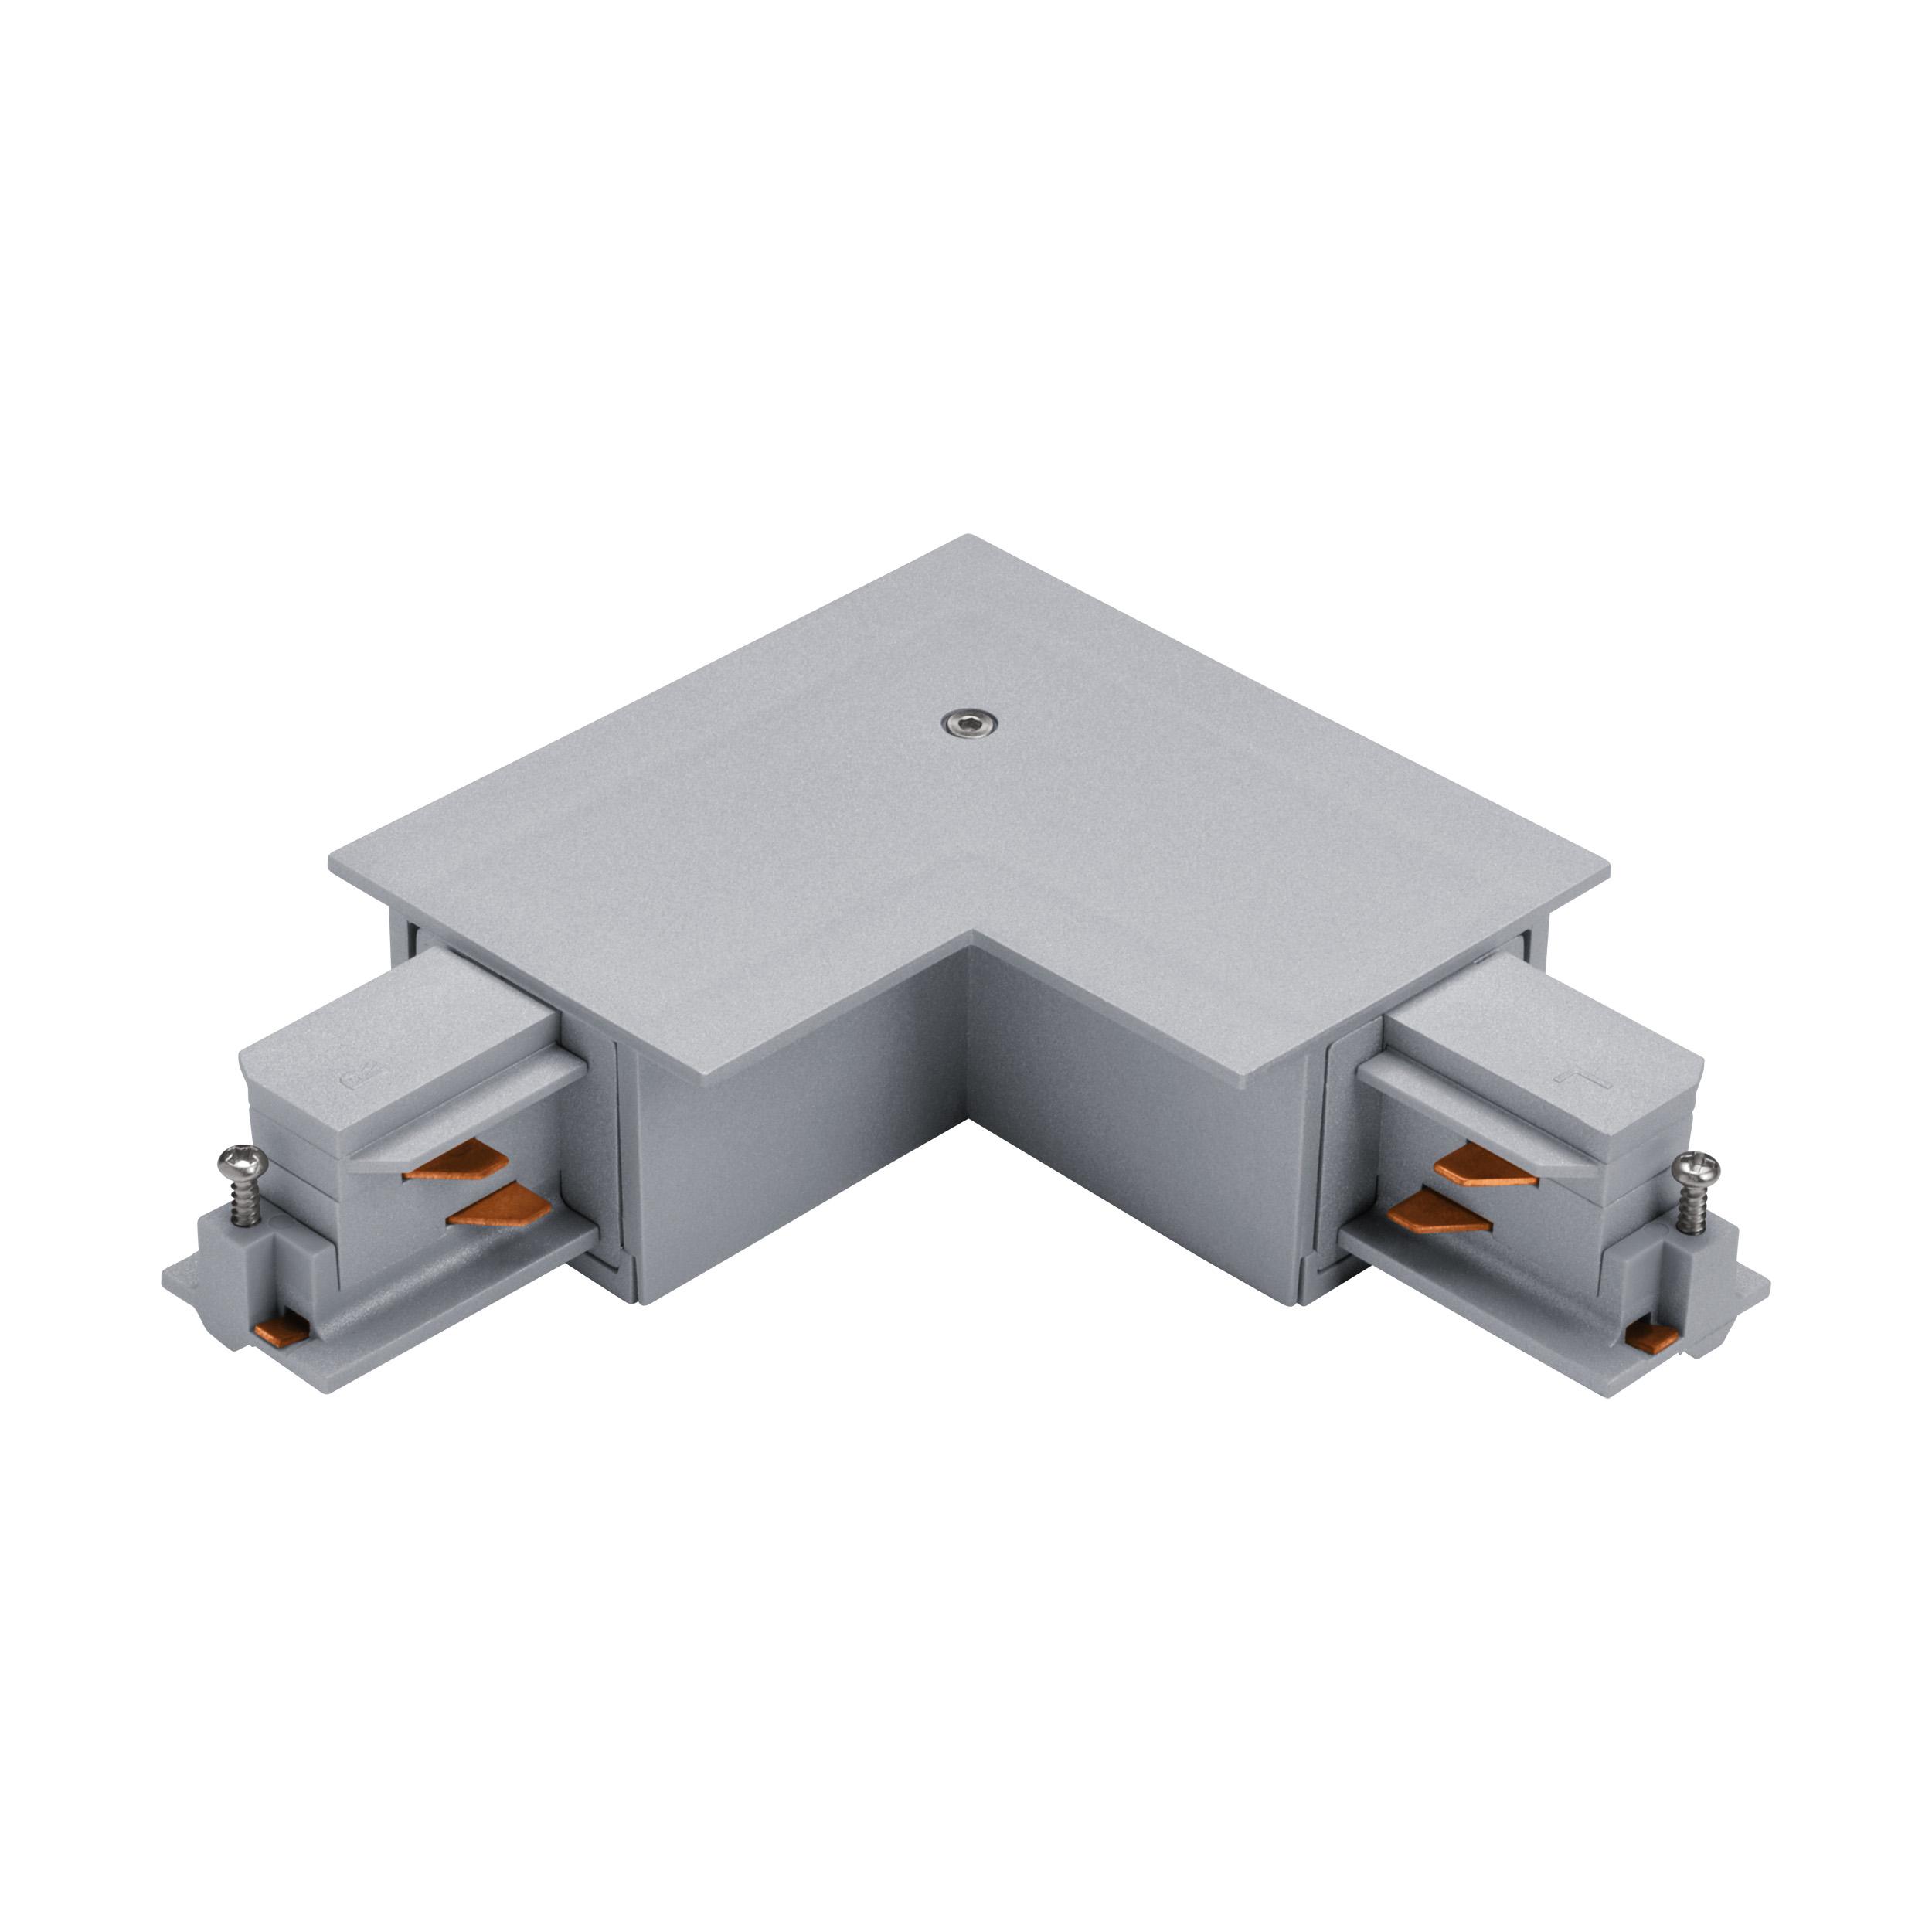 1 Stk 3-Phasen 90° Verbinder Einbau silber, Kunststoff, außen LI60753---